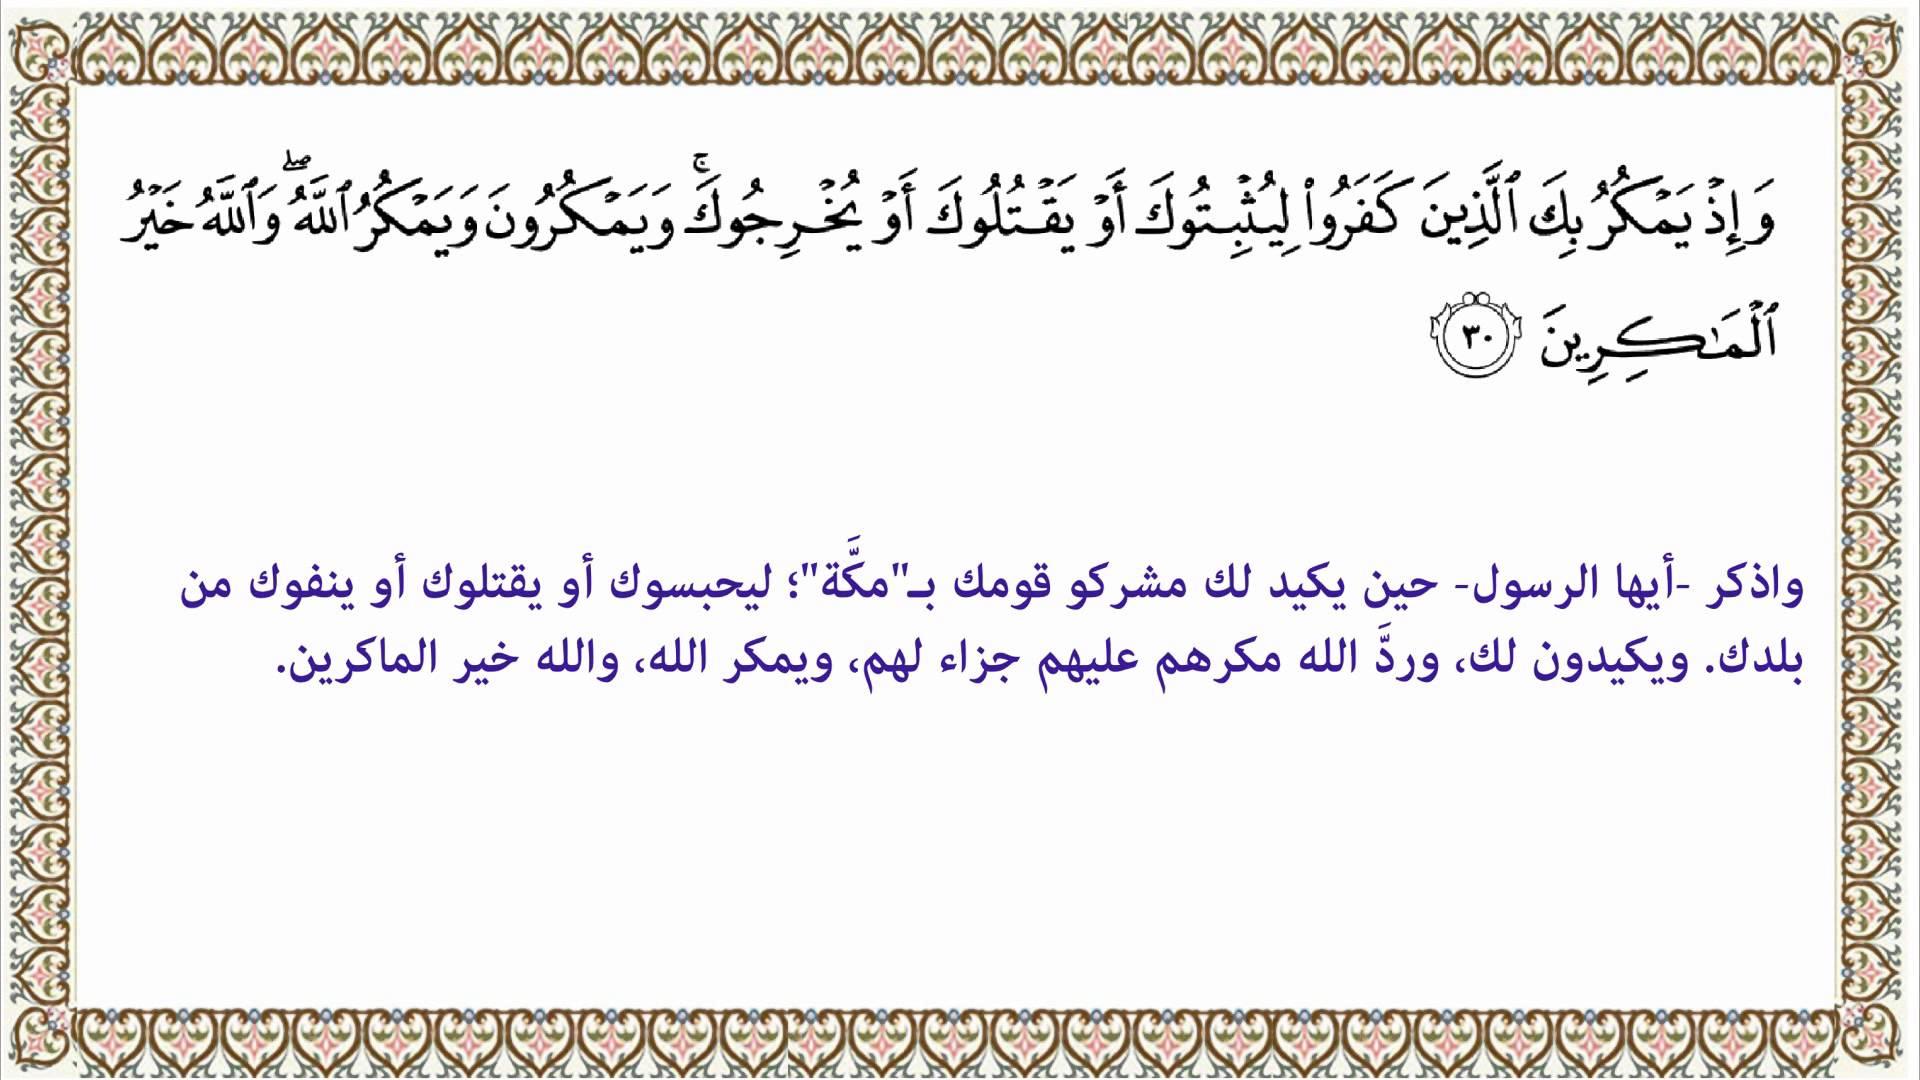 بالصور ويكيدون ويكيد الله والله خير الكائدين 20160714 2584